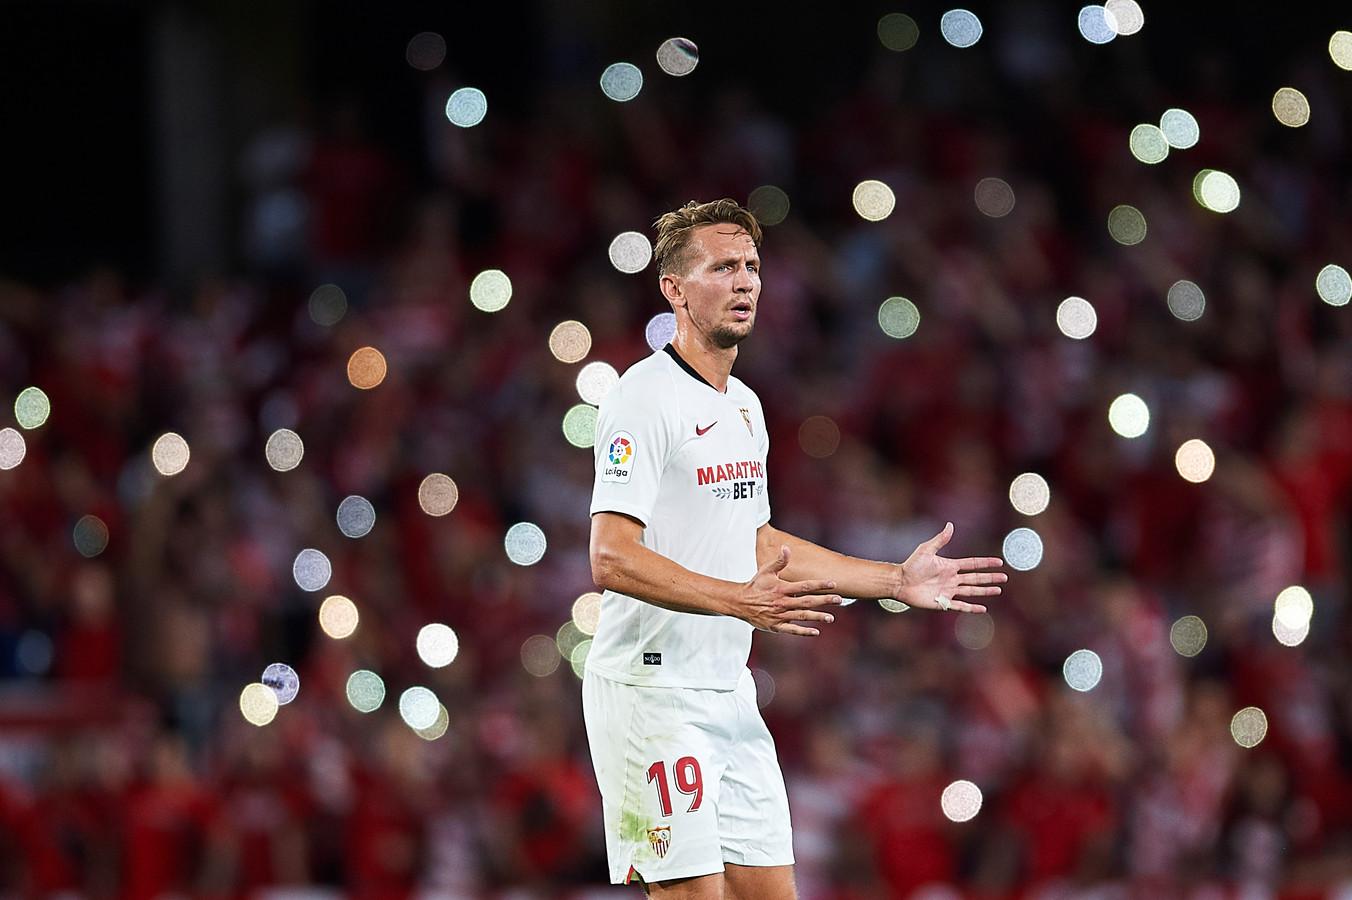 Maakt Luuk de Jong dit weekend eindelijk zijn eerste doelpunt voor Sevilla?